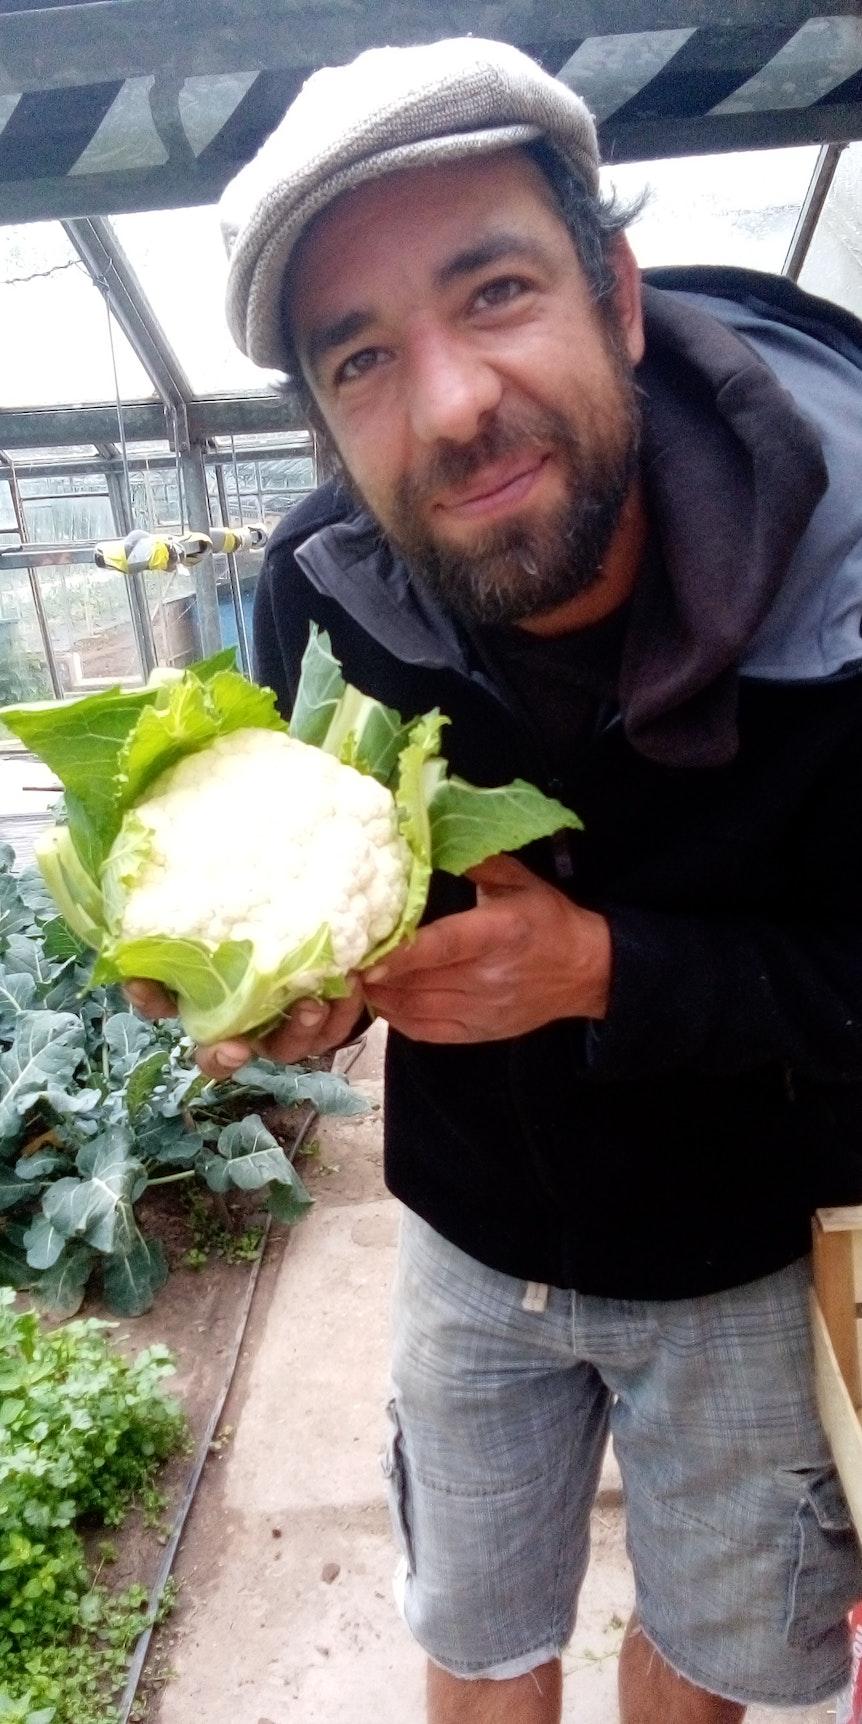 Kölner Gabriel Schmidt mit einem Blumenkohl in der Gärtnerei, in der er arbeitet